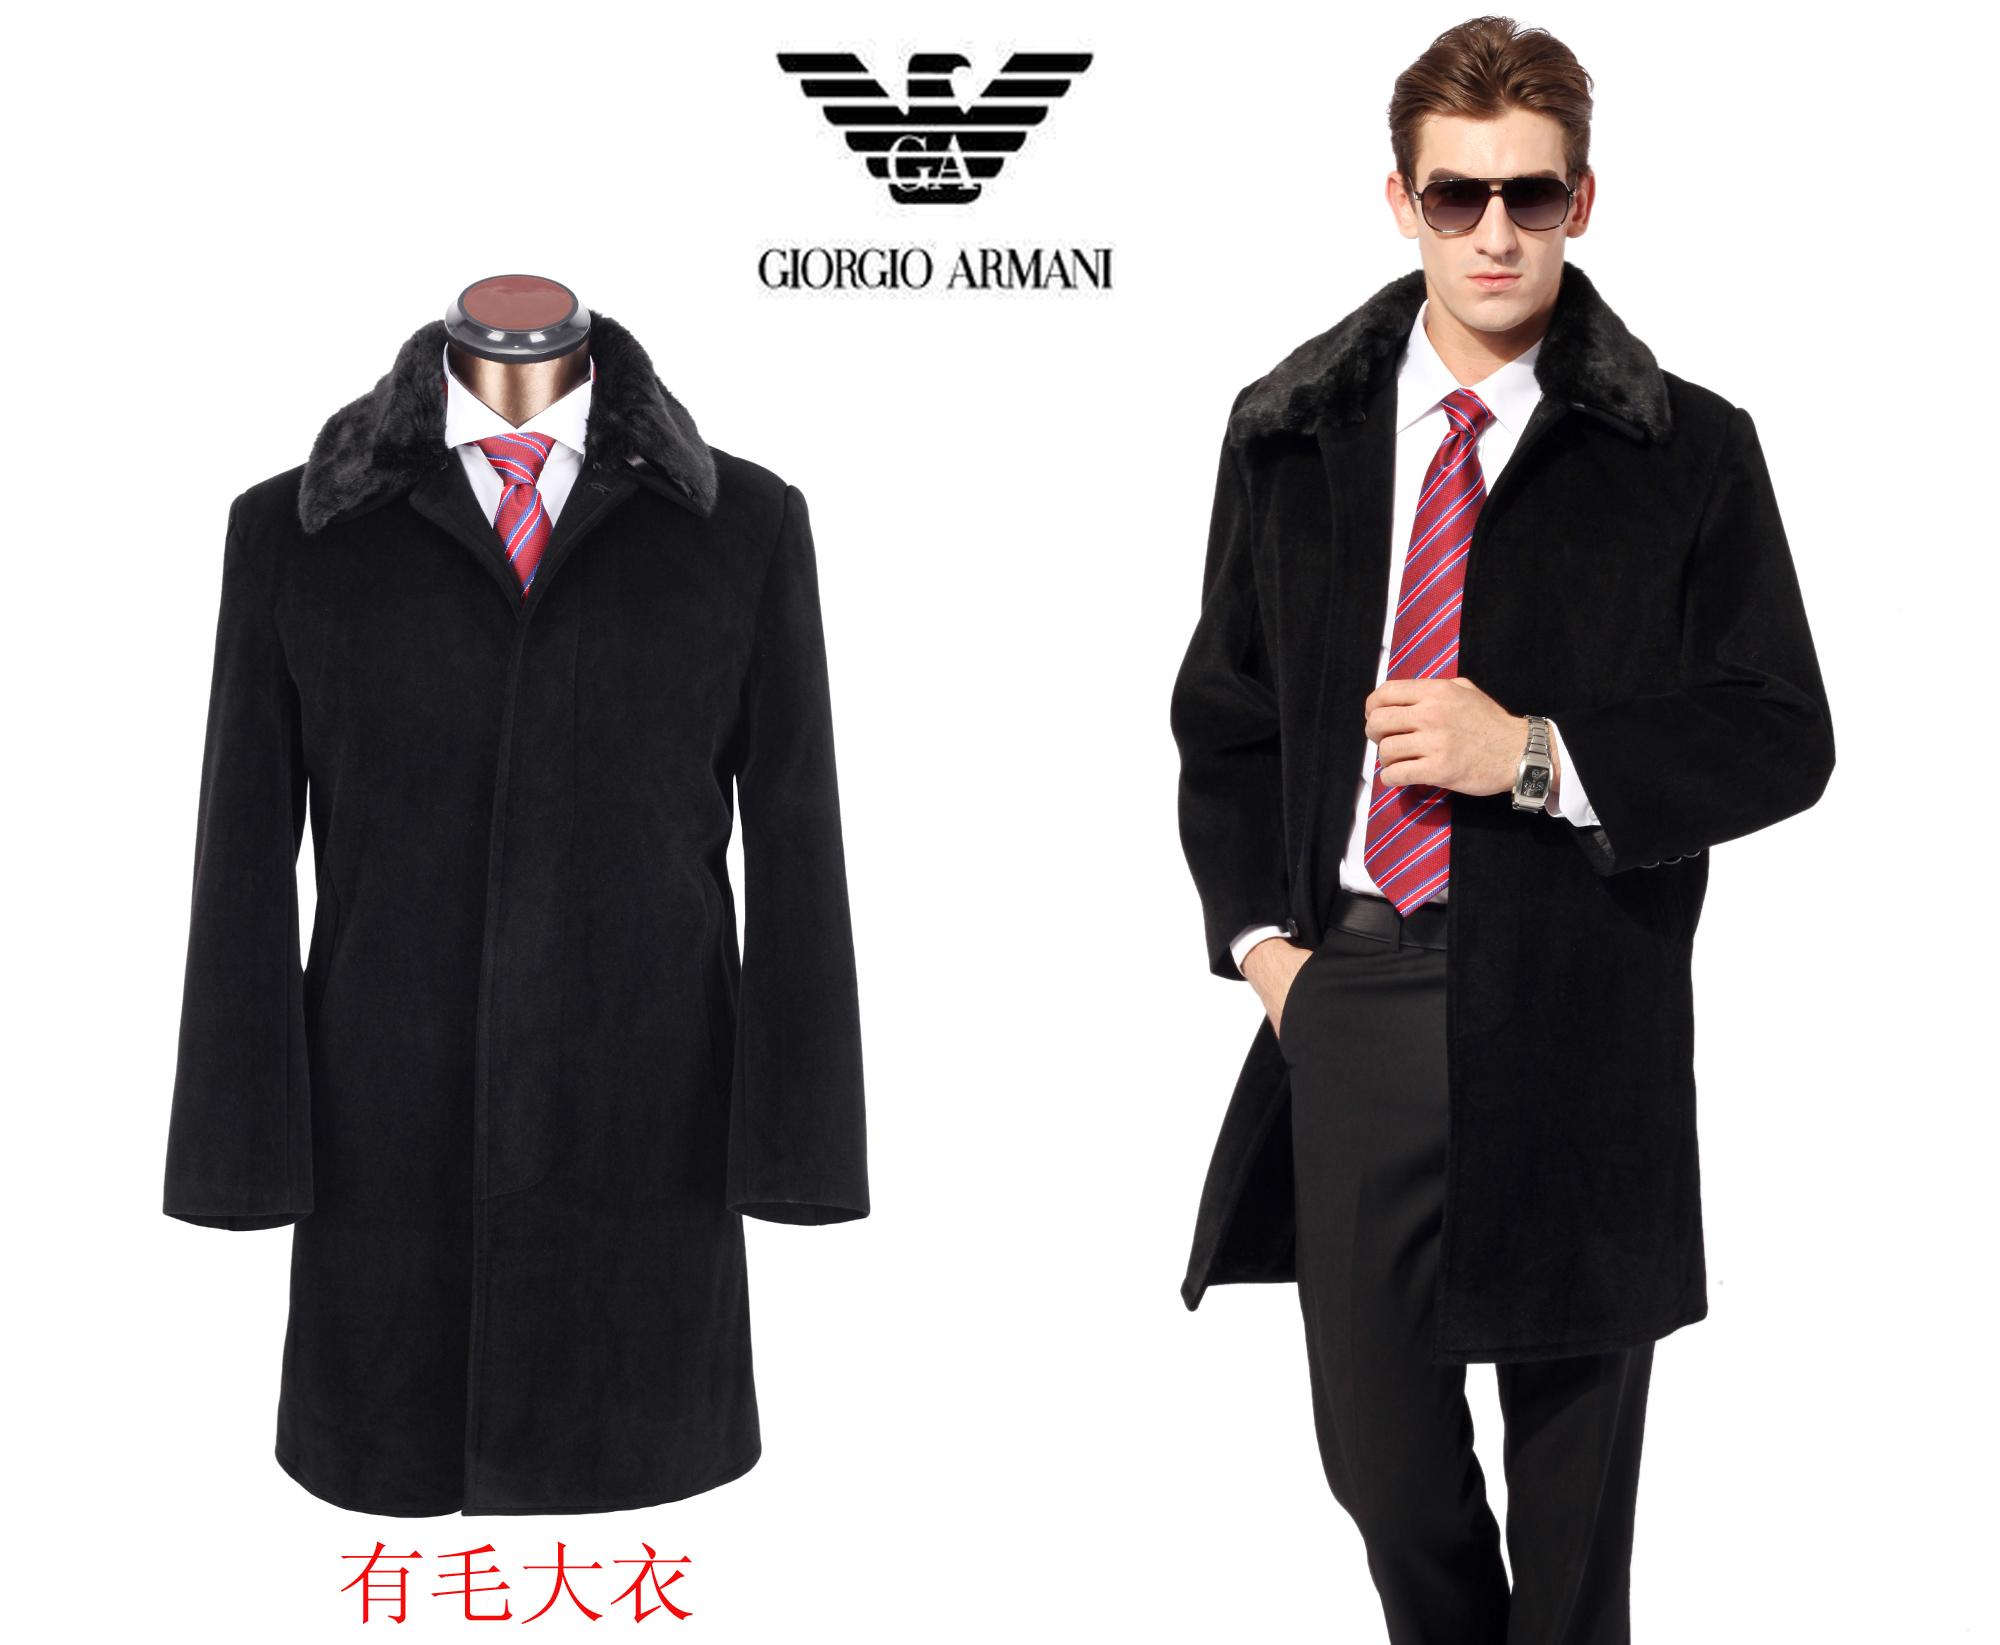 Un rétro pour le emporio armani manteau homme Rose - art-sacre-14.fr 5d14313a15e